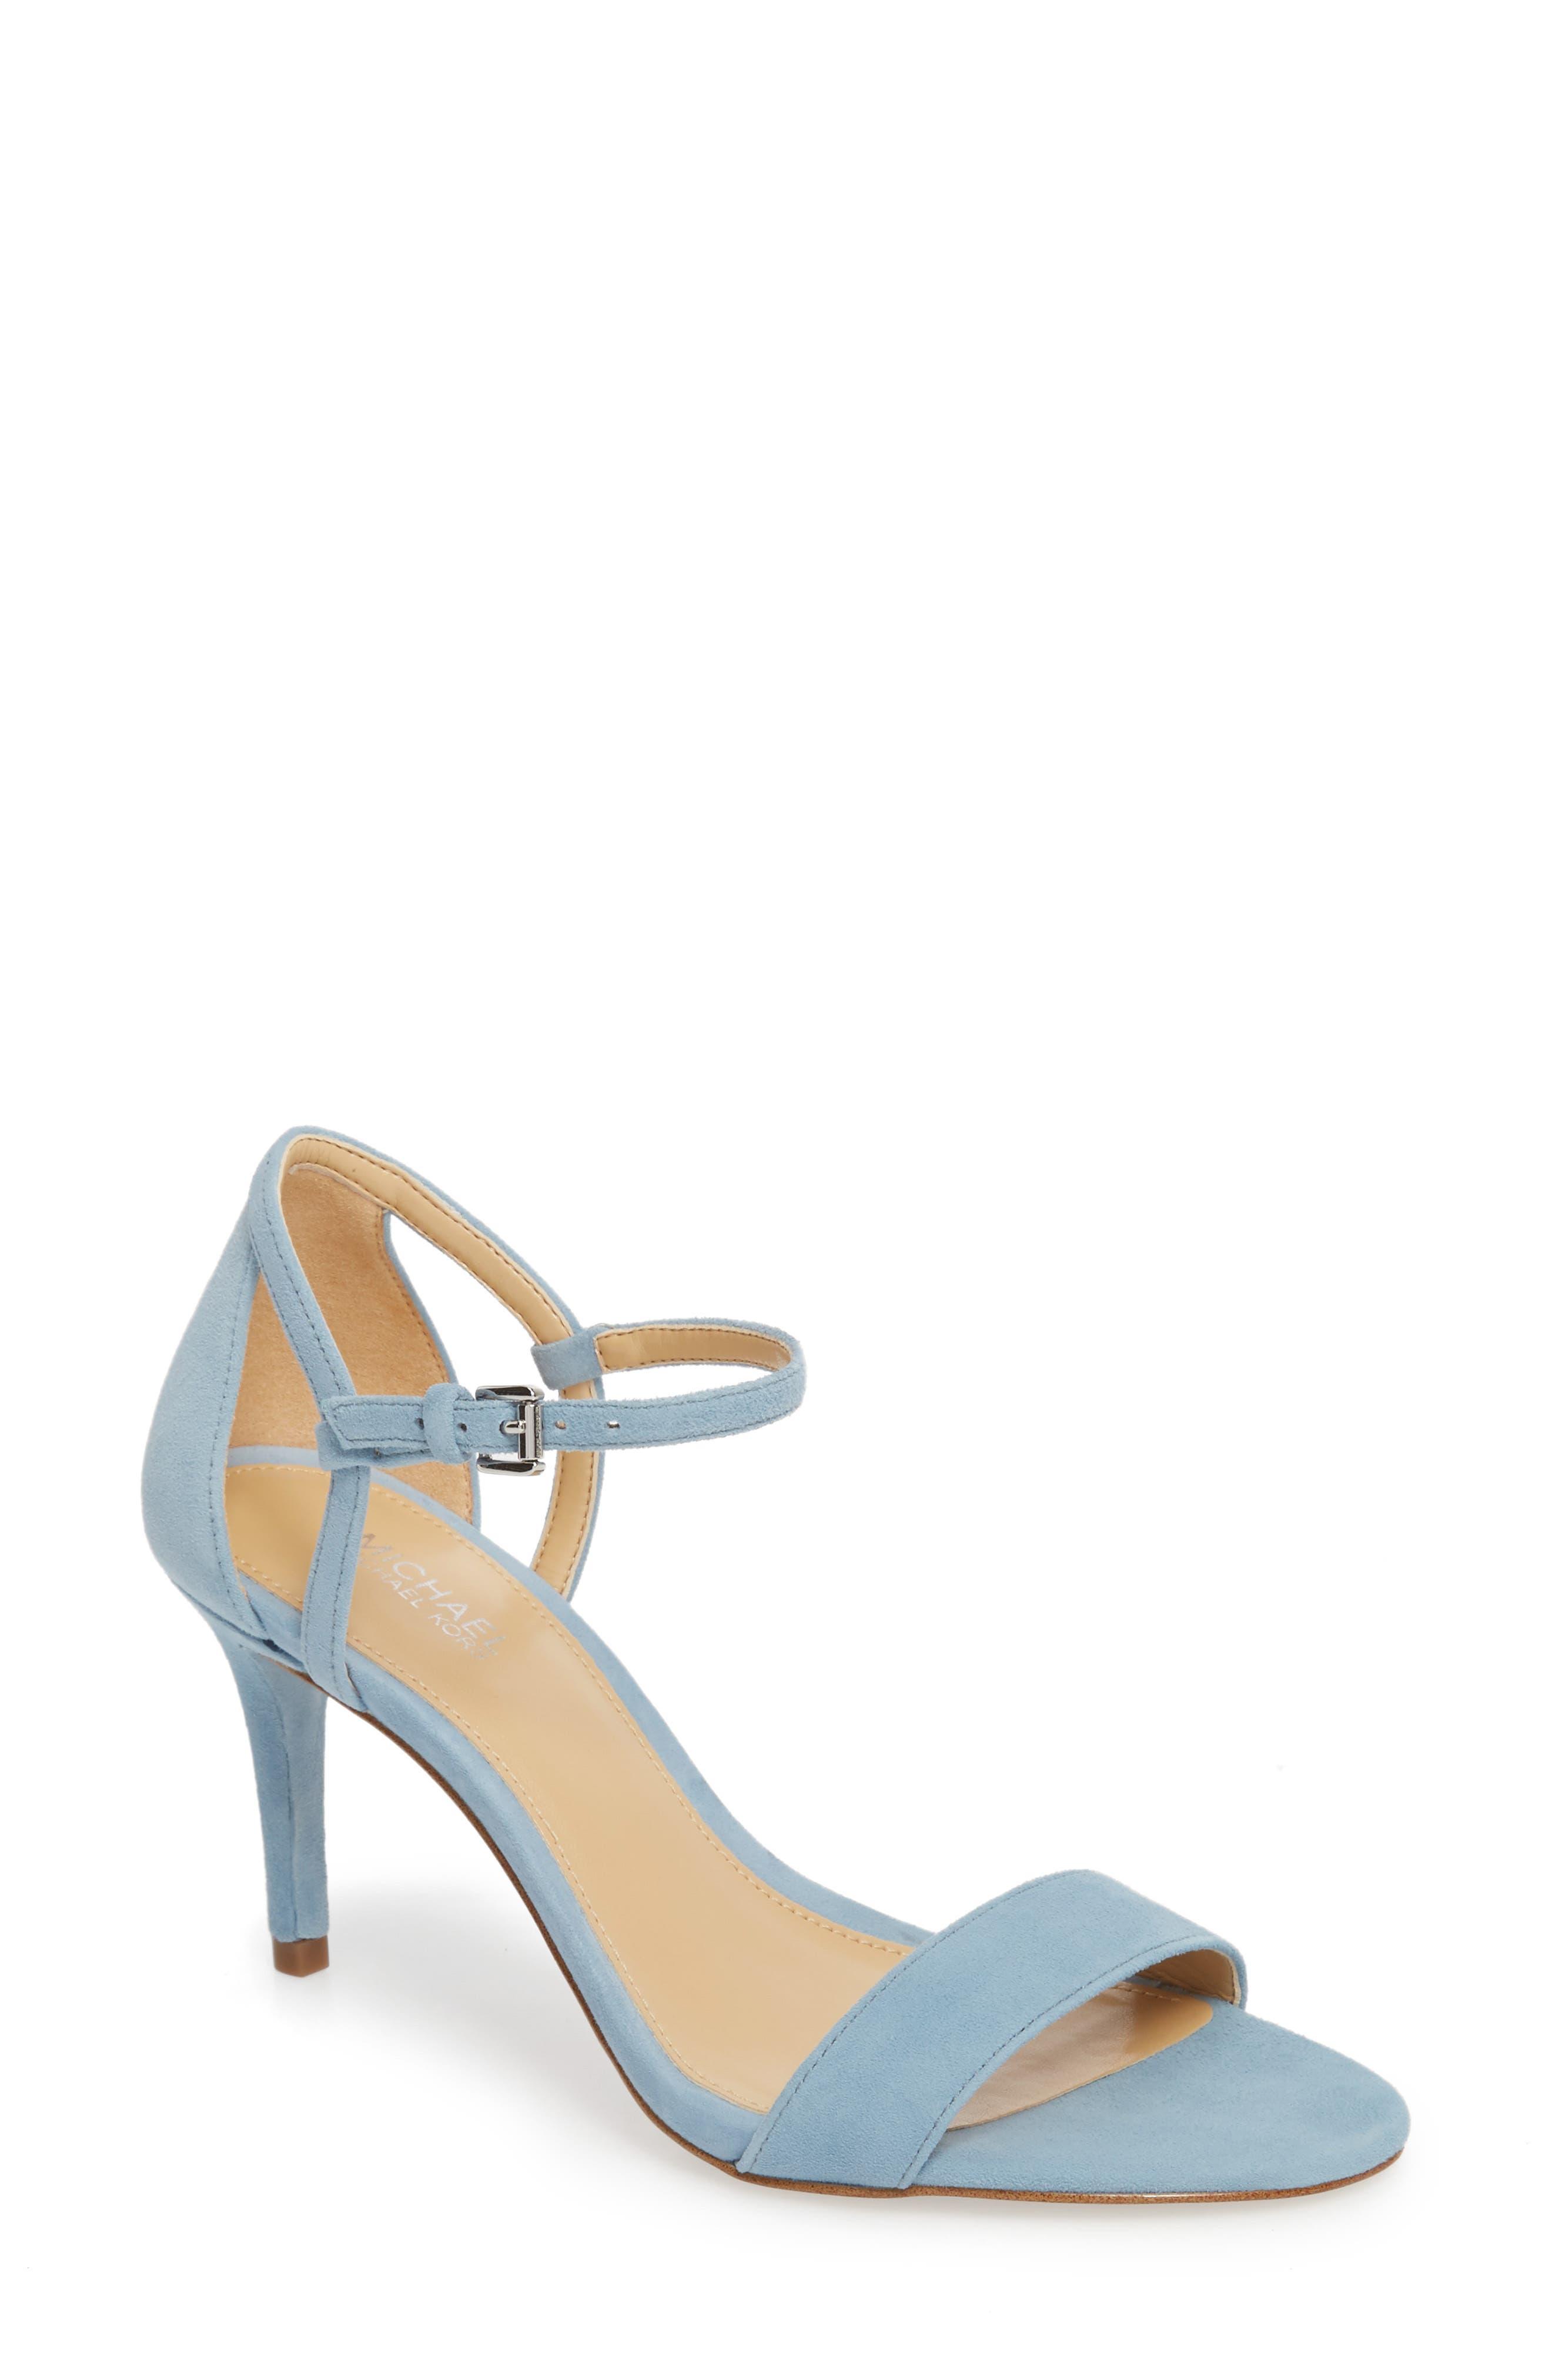 'Simone' Sandal,                         Main,                         color, Powder Blue Suede